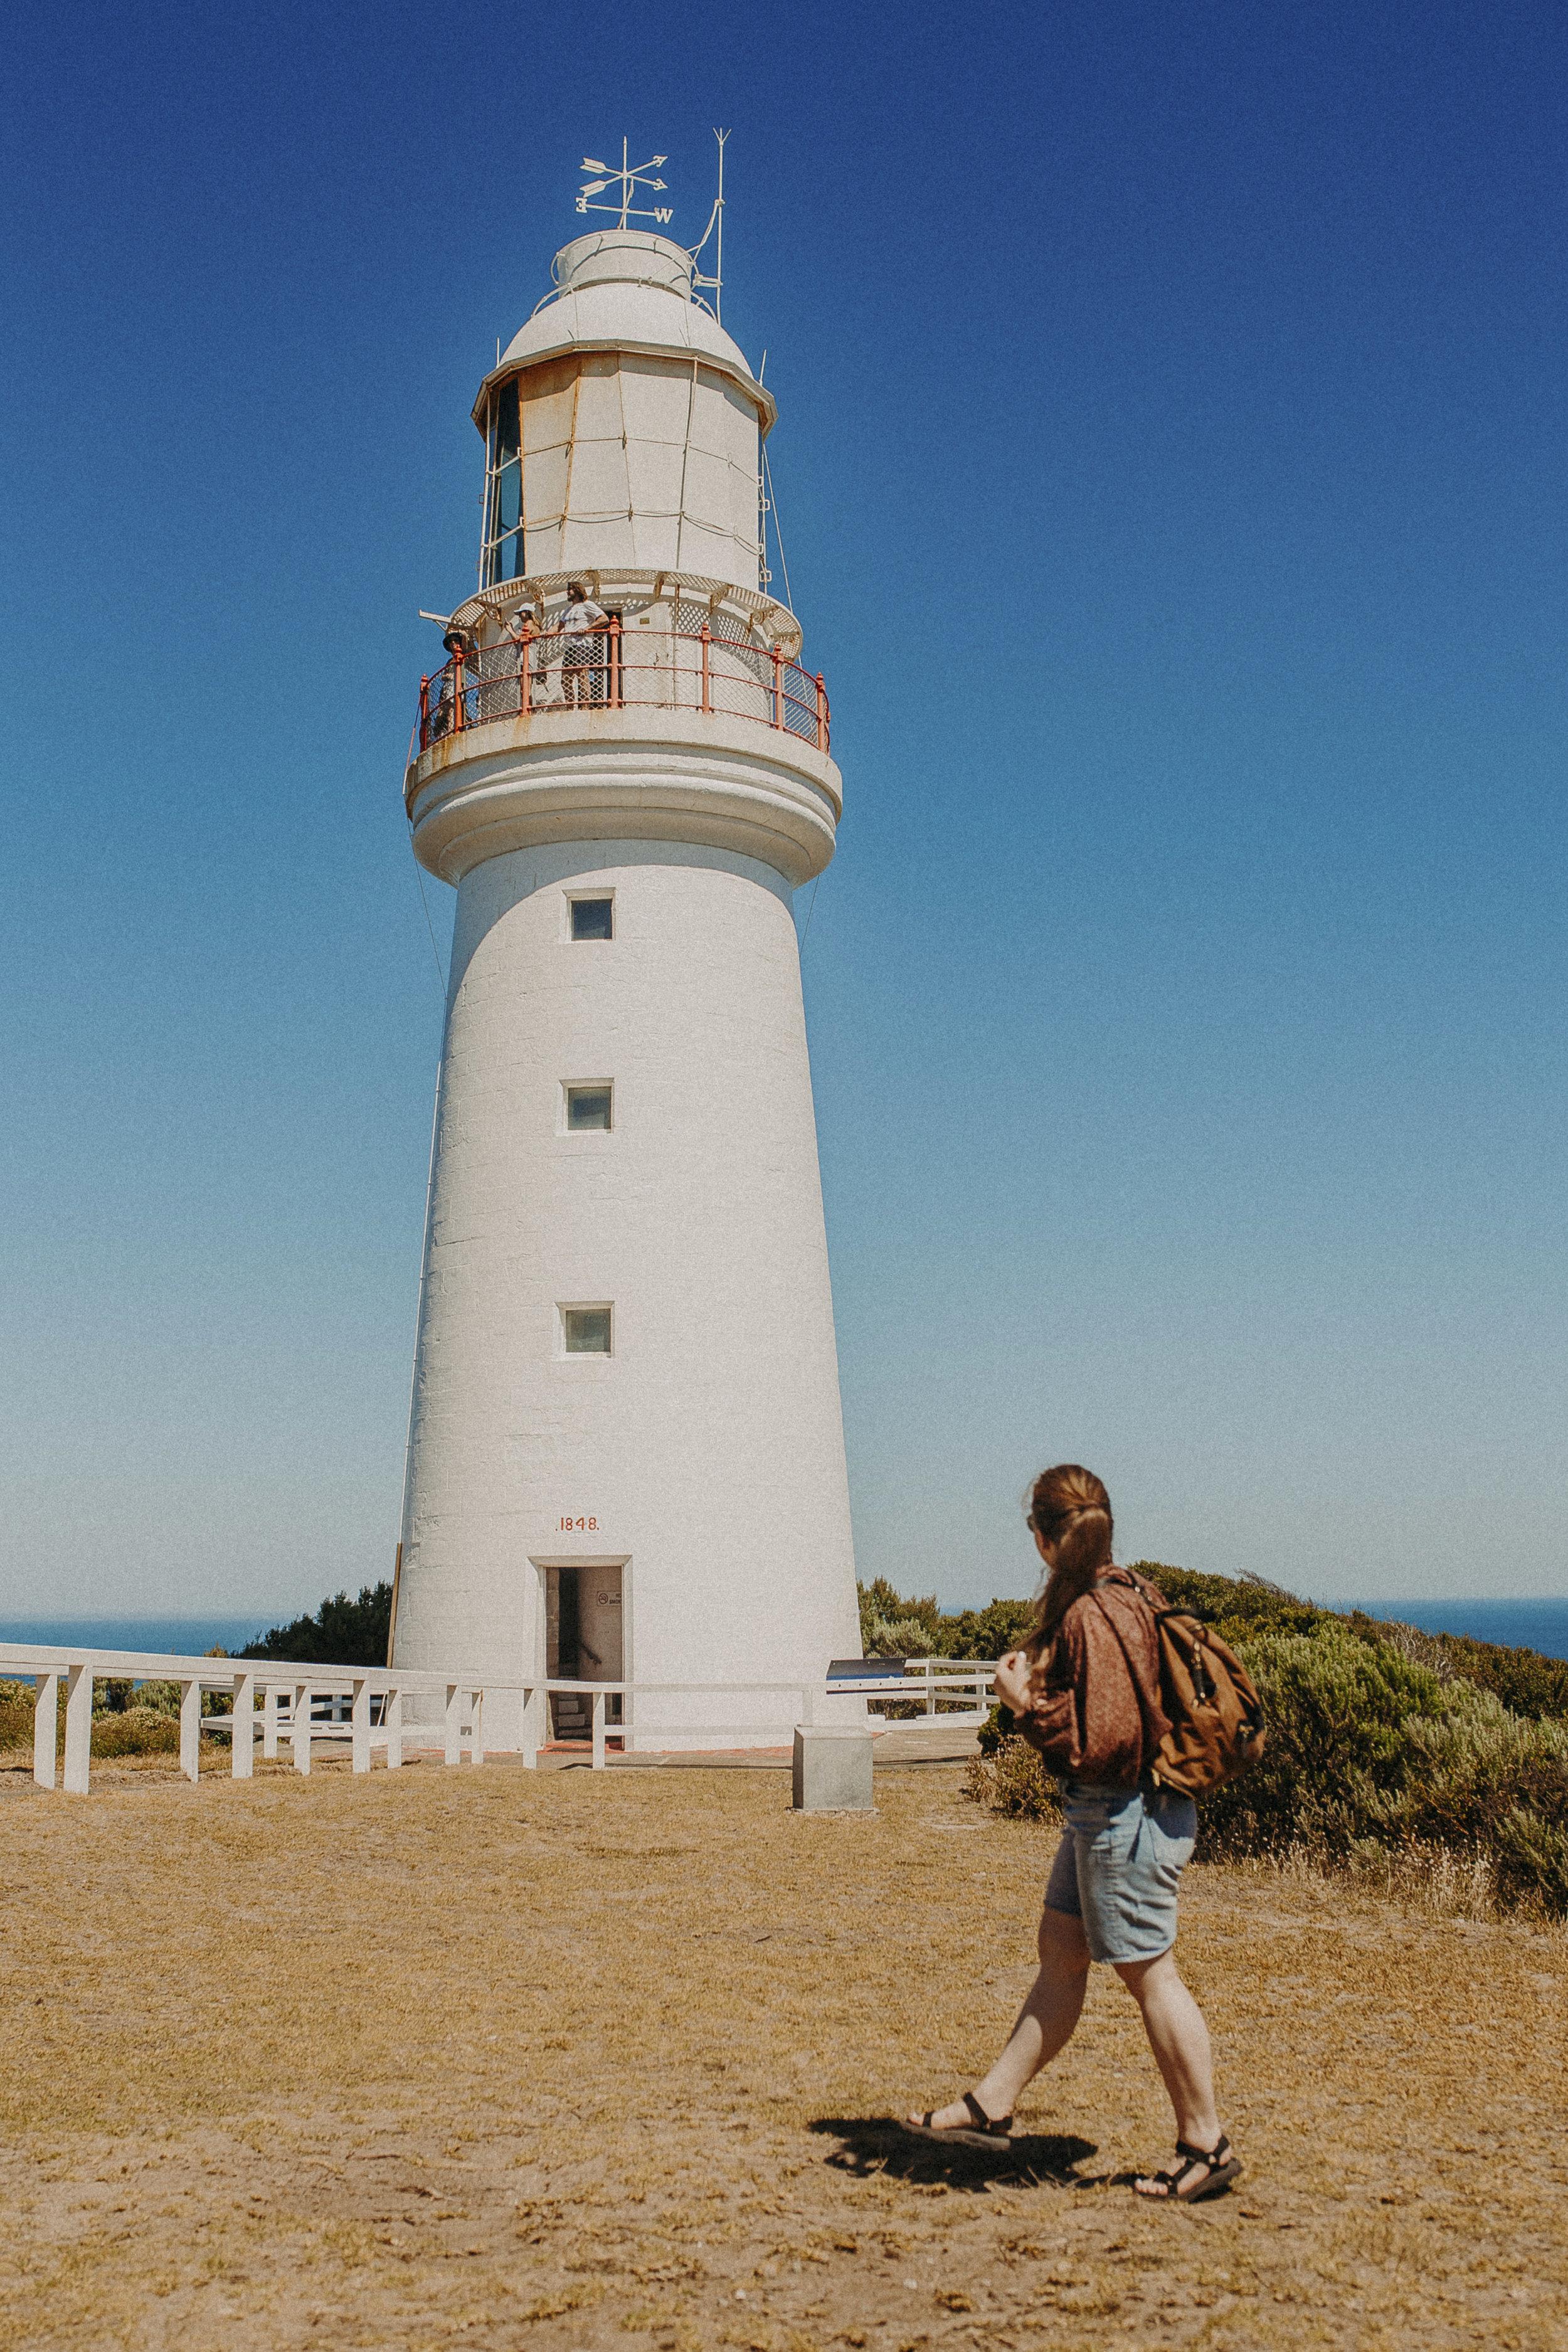 great-ocean-road-australia-lighthouse.jpg